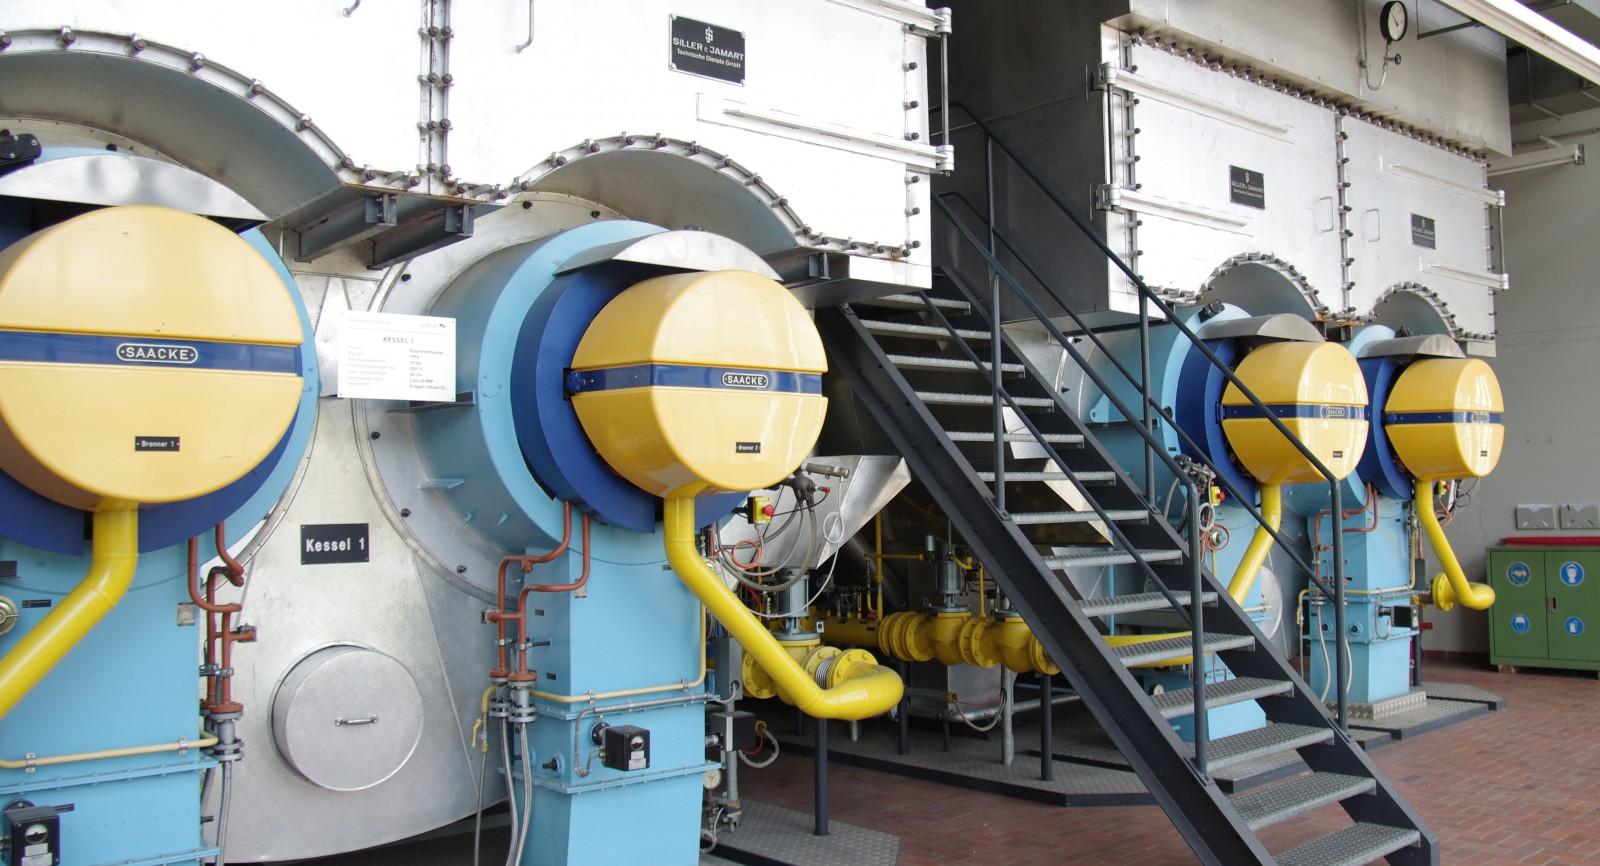 Die beiden Rauchrohrkessel liefern Frischdampf für die Wärmespeicher in der Energiezentrale des Flughafens Zürich.